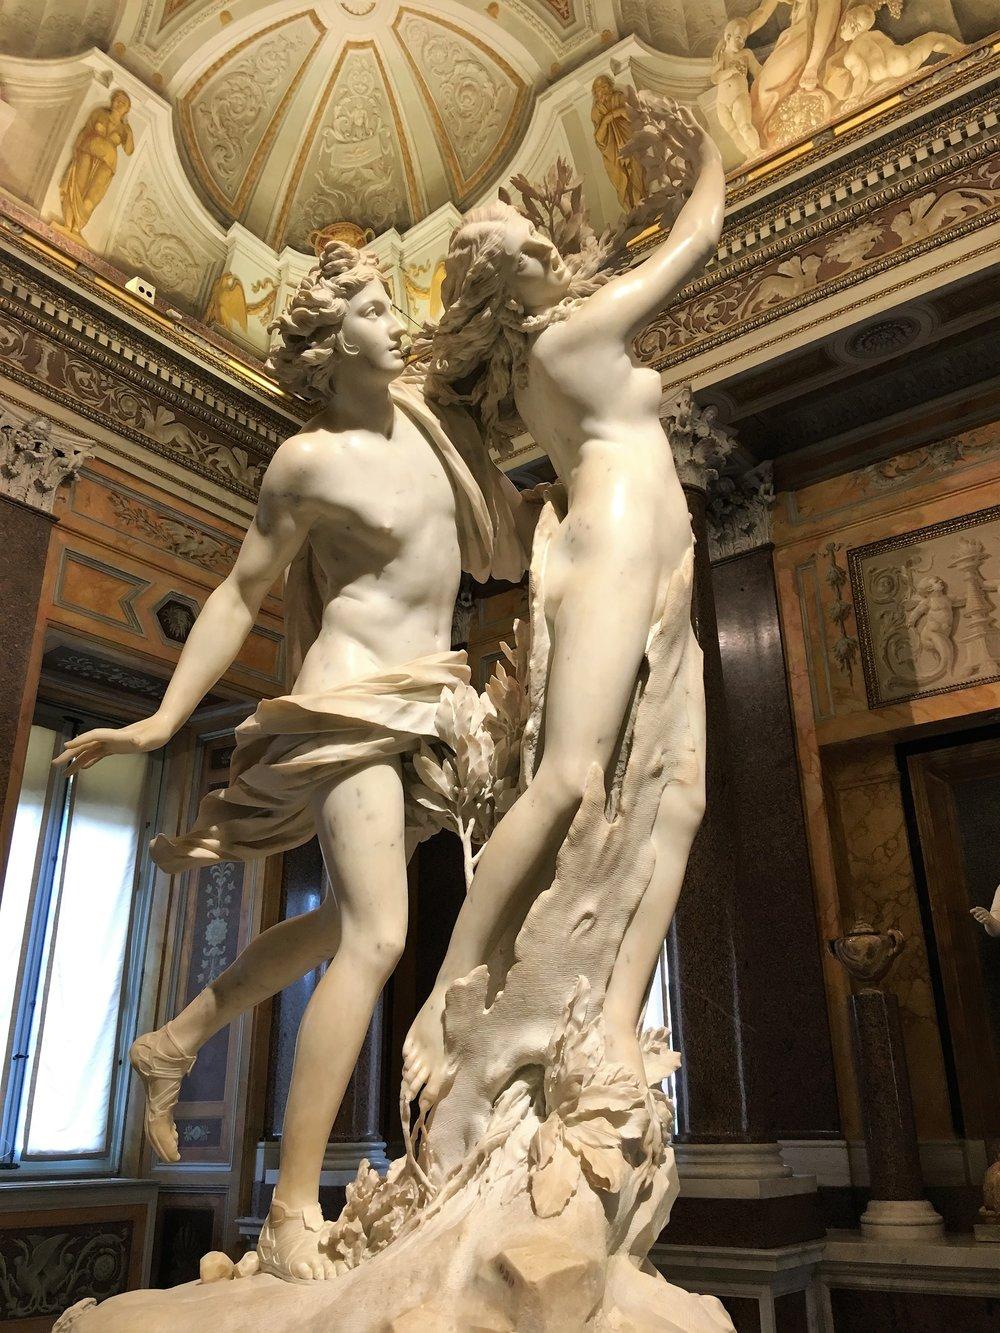 Apollo & Daphne at the Borghese